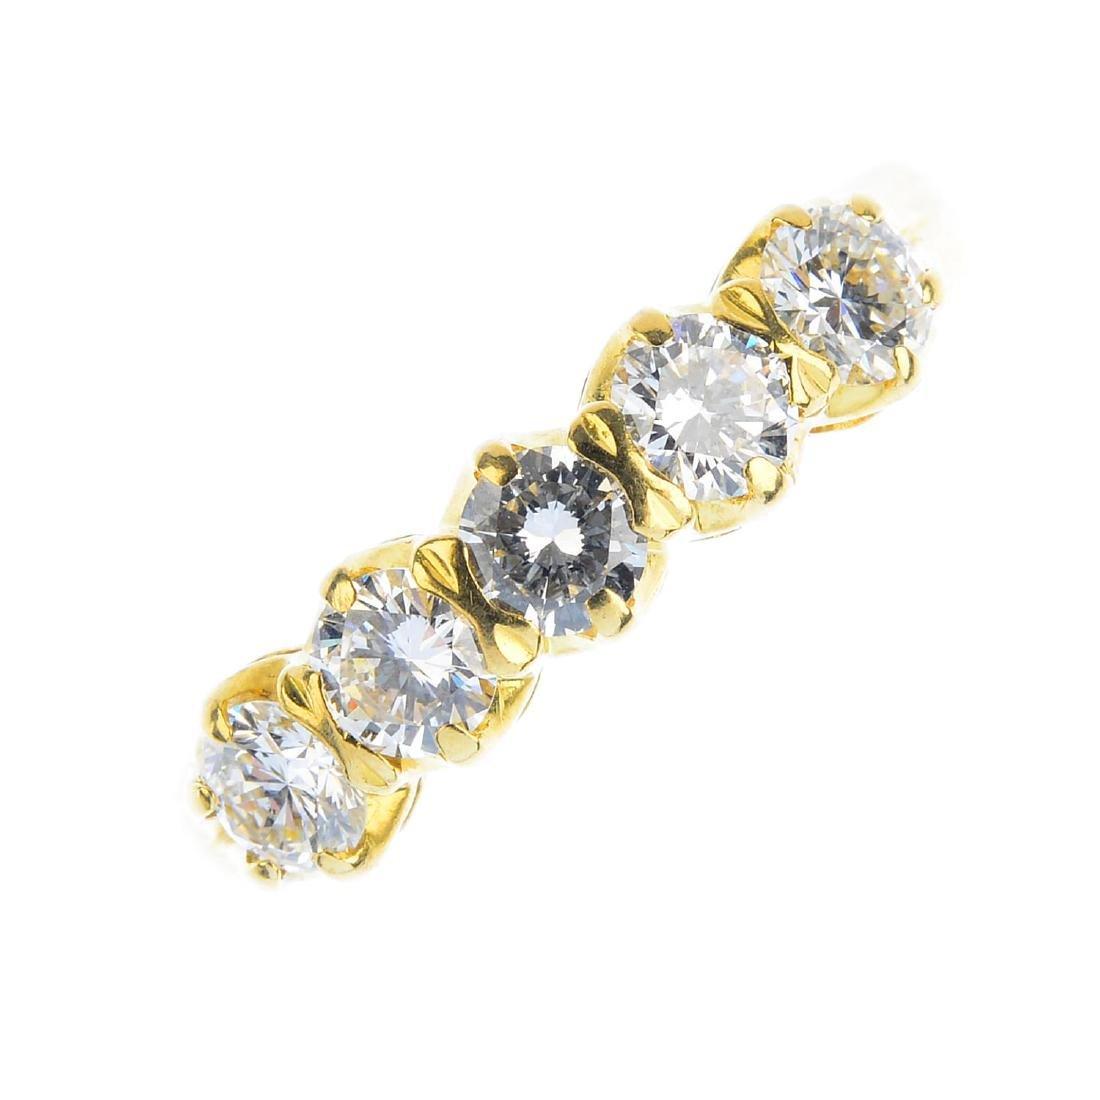 A diamond five-stone ring. The brilliant-cut diamond